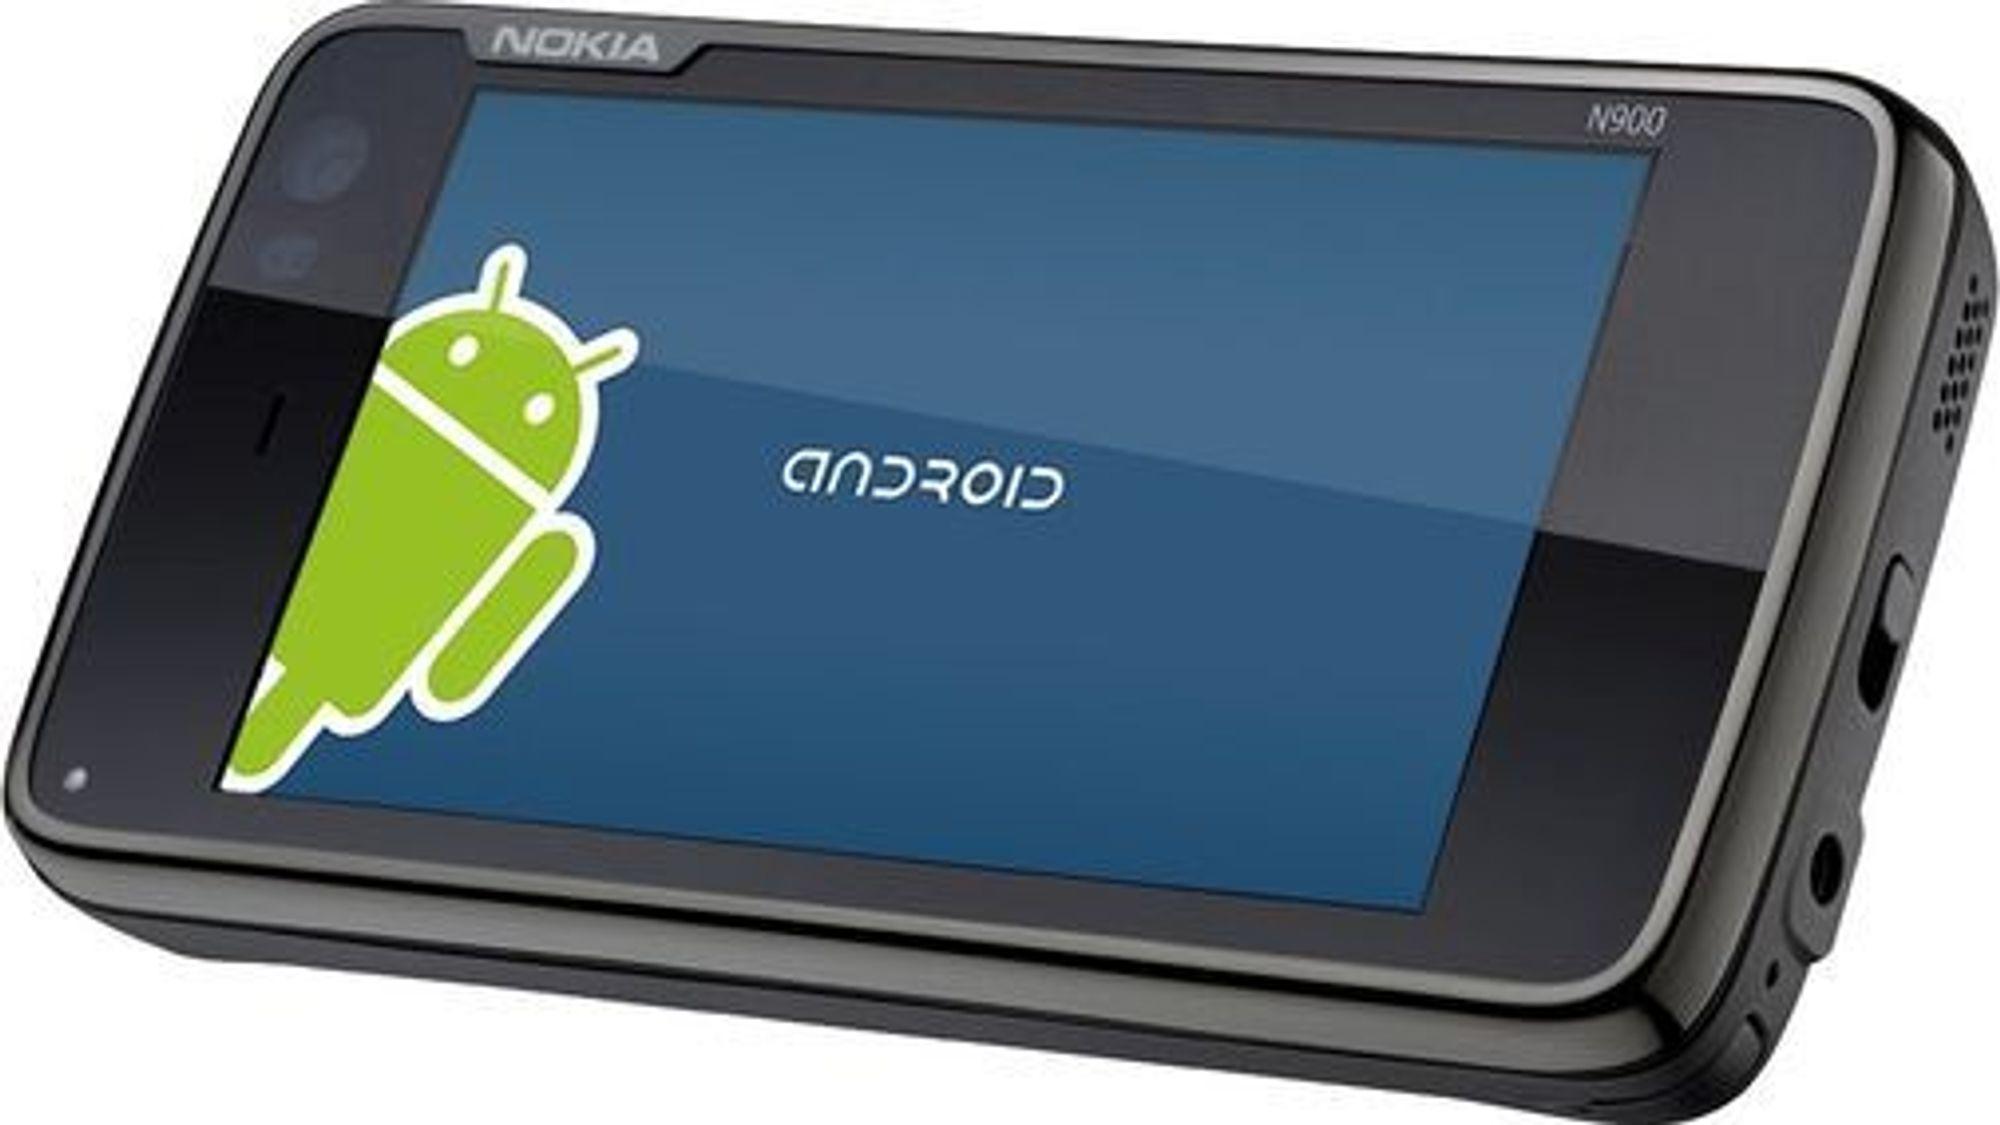 Alien Dalvik på Nokia N900.